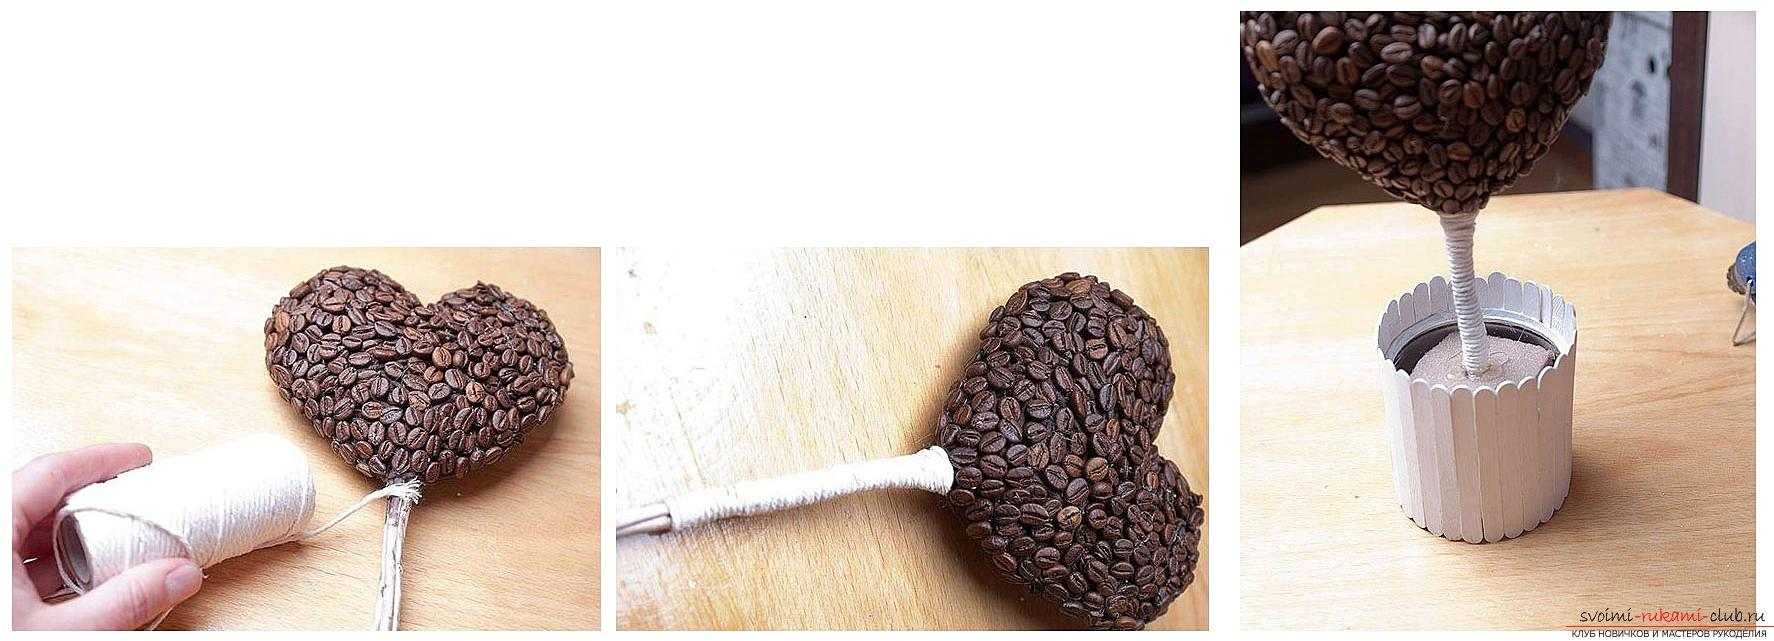 Топиарий из кофейных зерен мастер класс пошагово